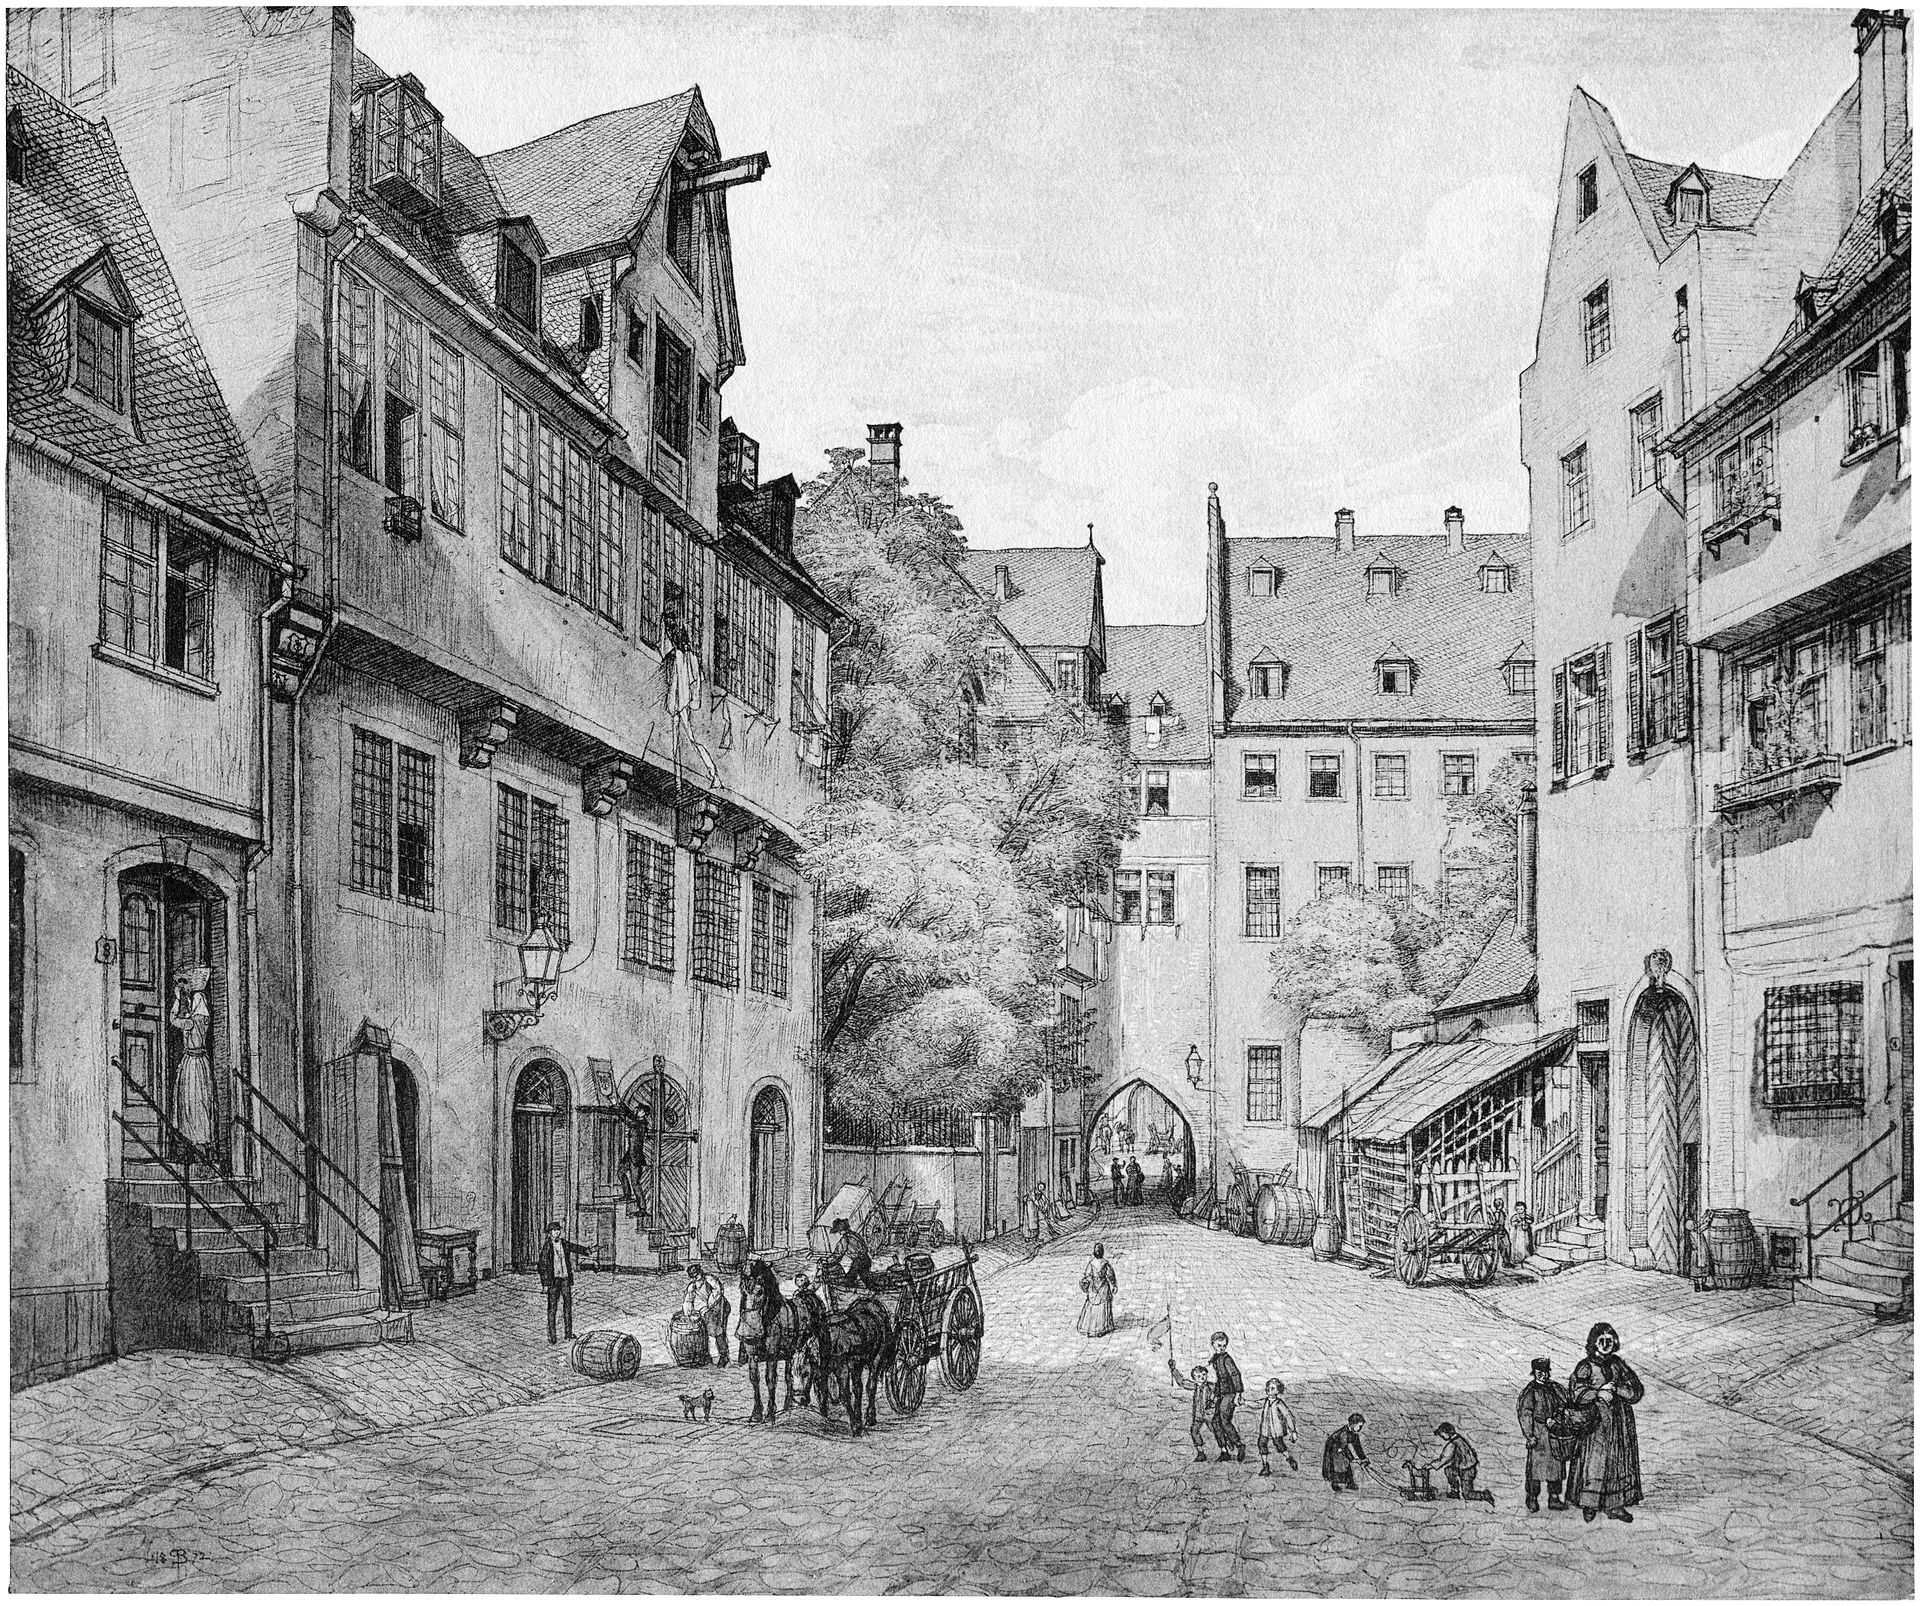 Arnsburger hof frankfurt am main wikipedia for Innenarchitekt frankfurt am main